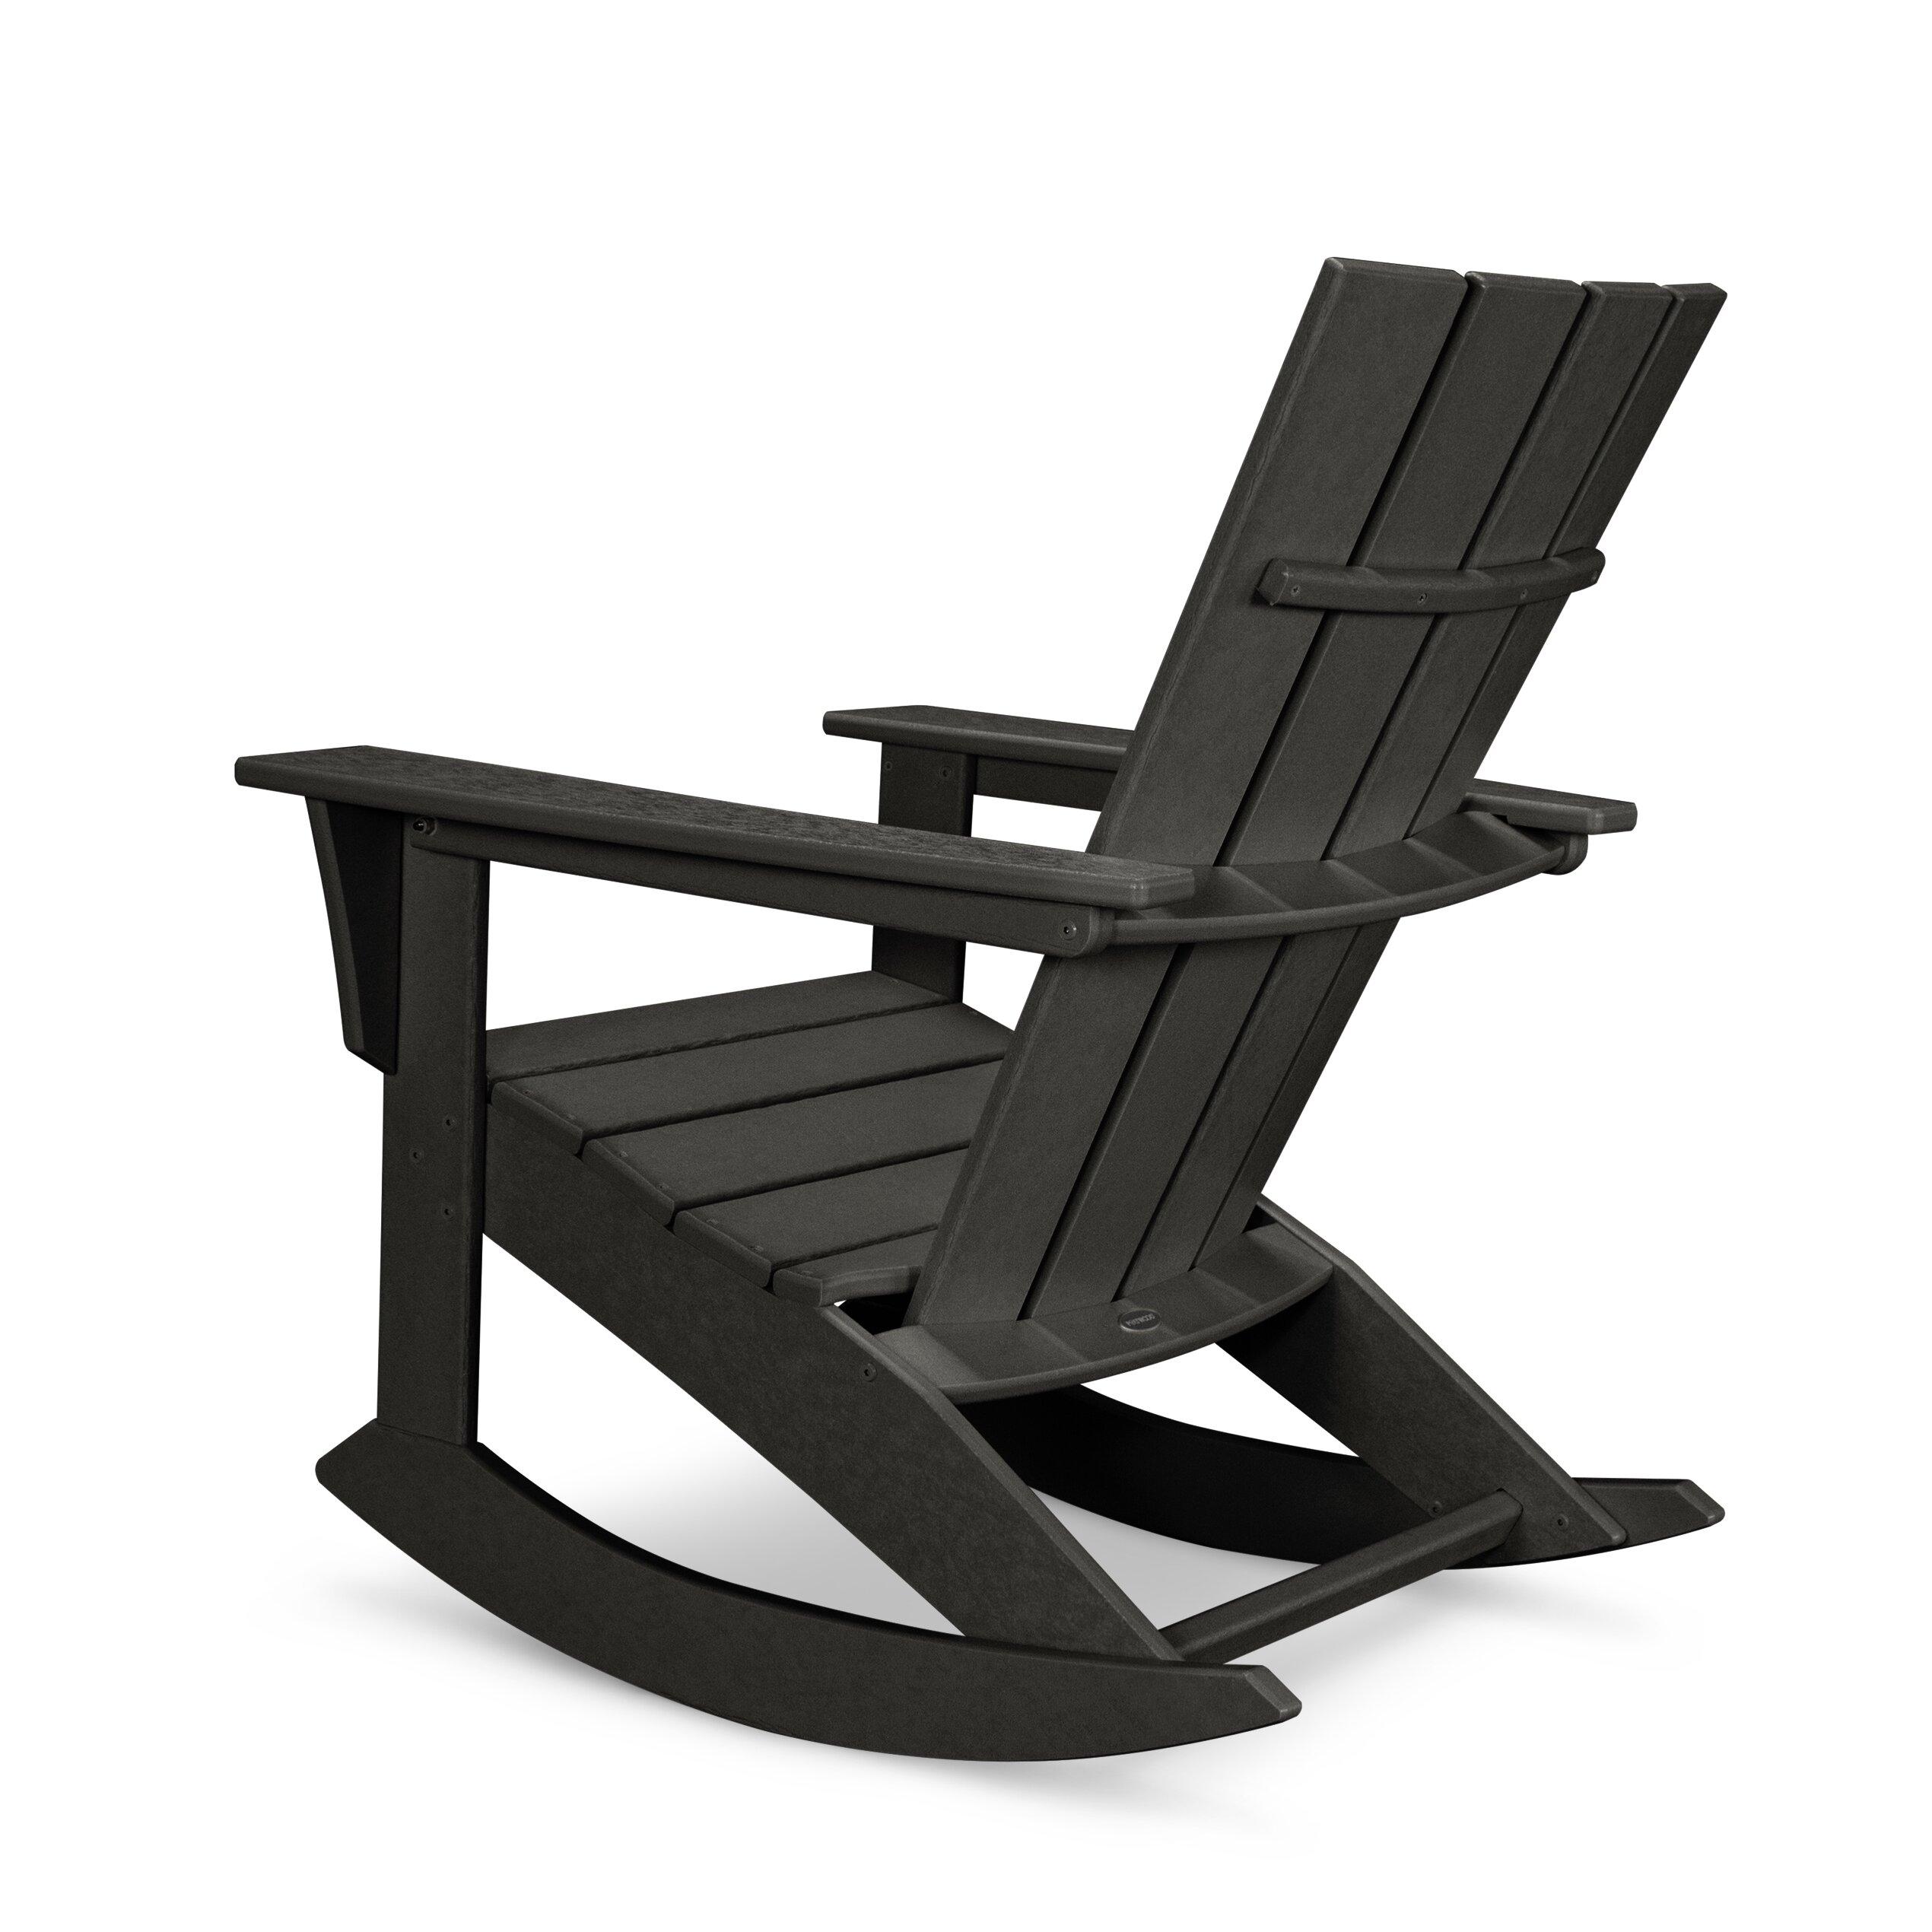 Quattro Adirondack Rocker Chair by POLYWOOD®